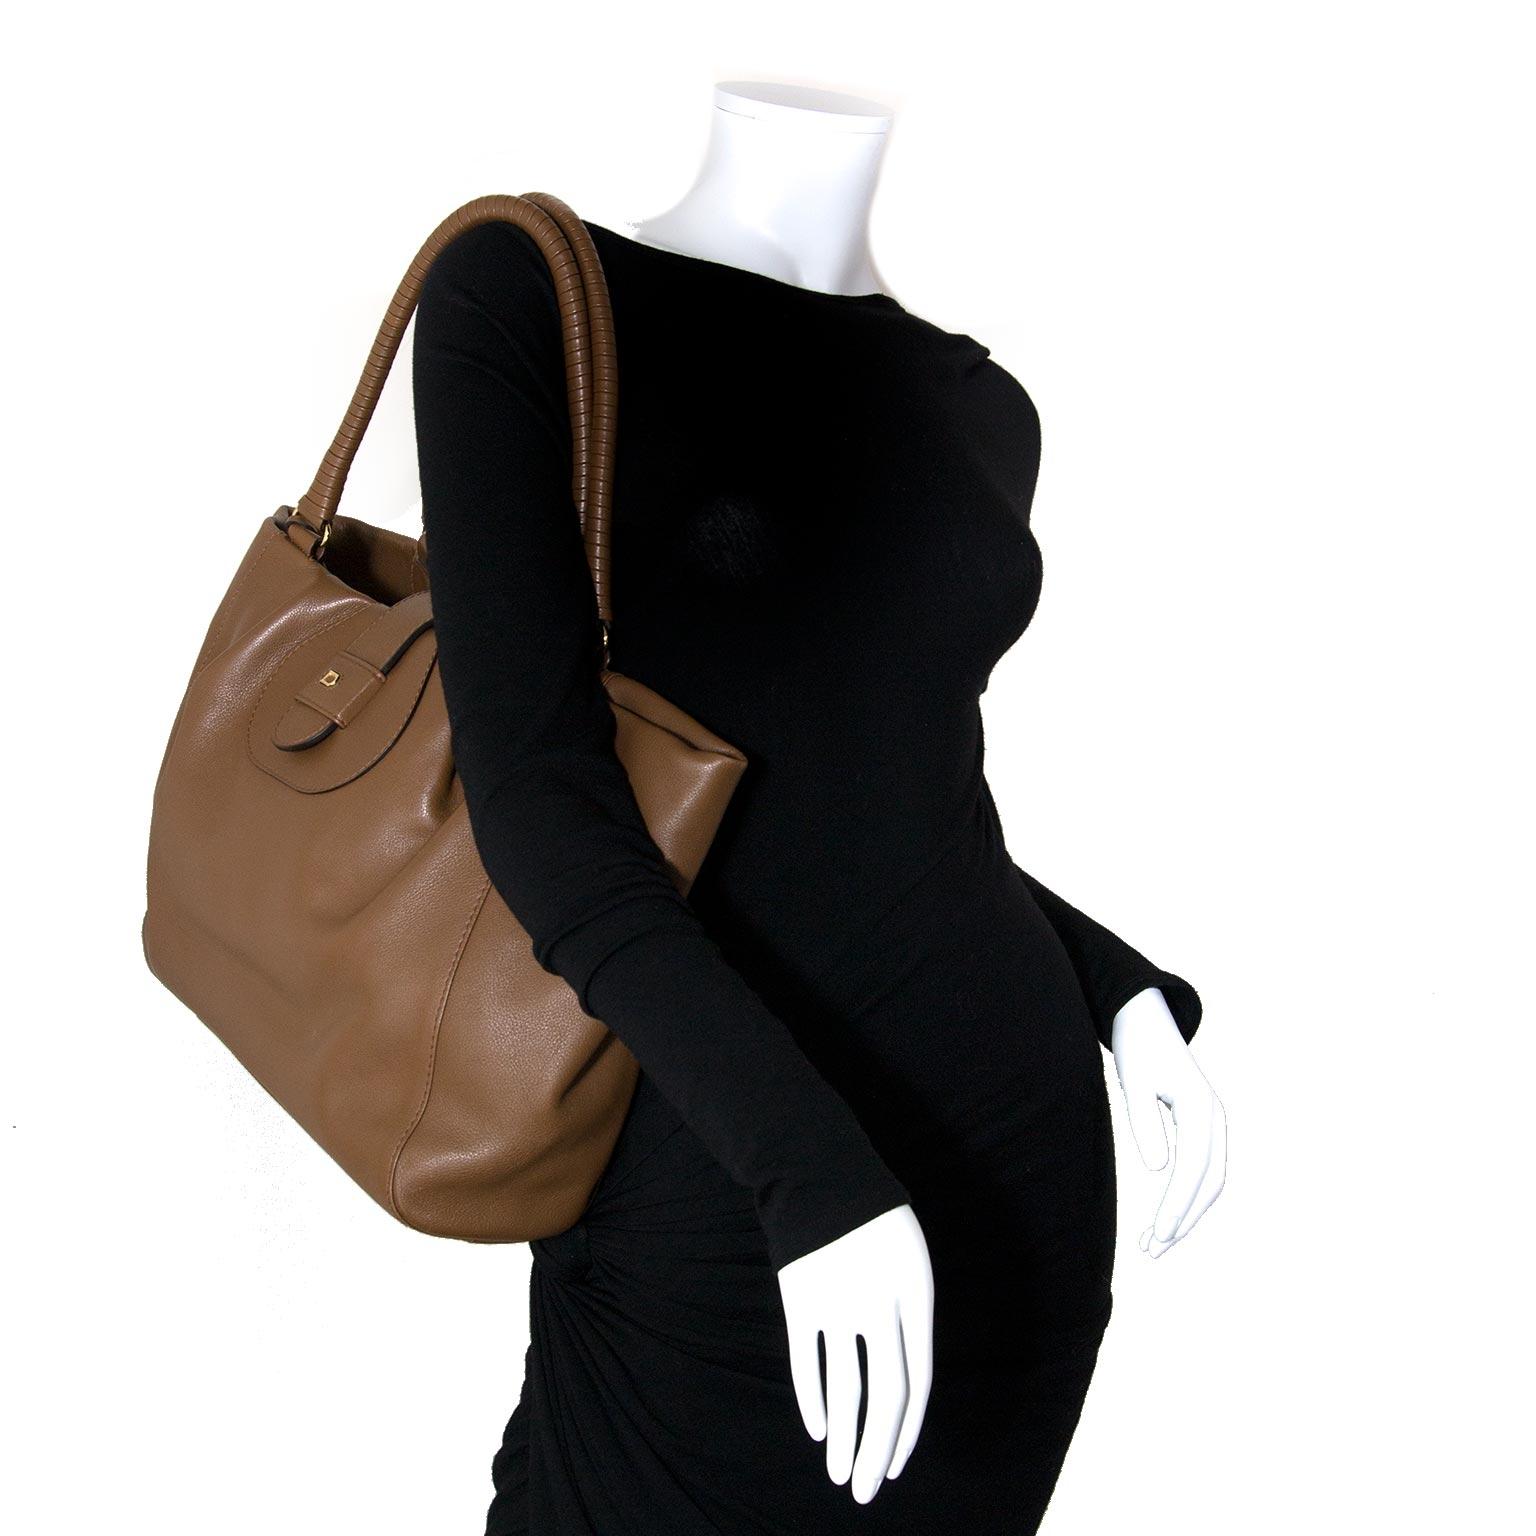 delvaux brown shopper now for sale at labellov vintage fashion webshop belgium